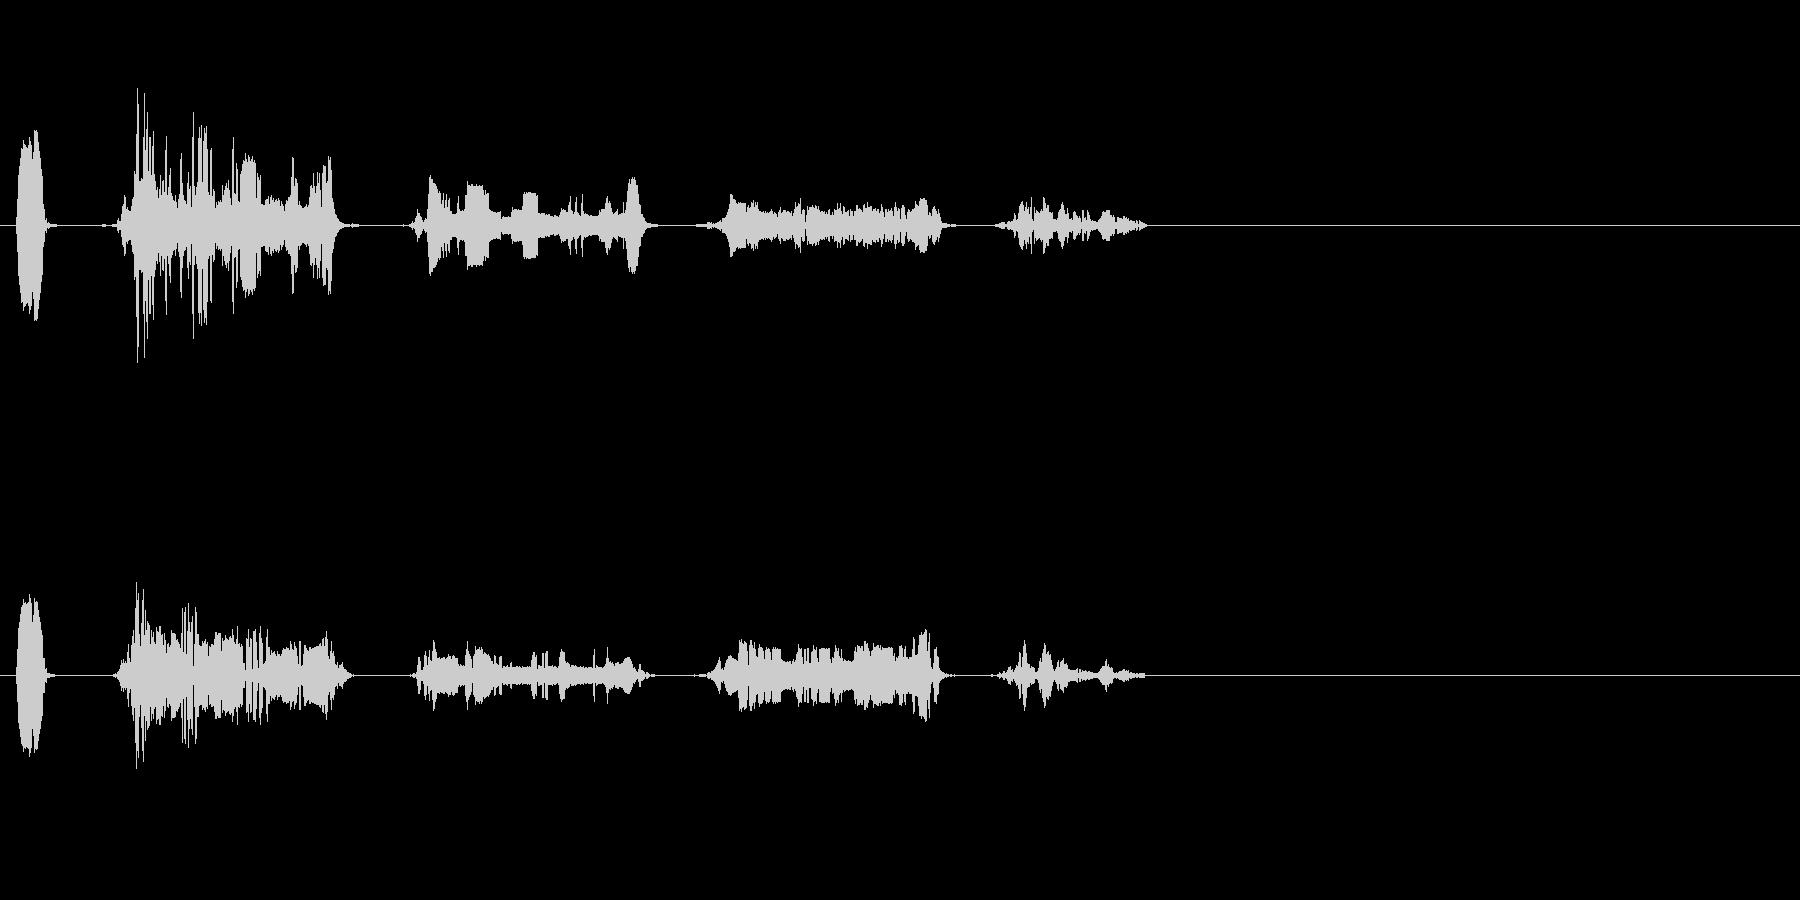 不思議な感じの電子音です。の未再生の波形